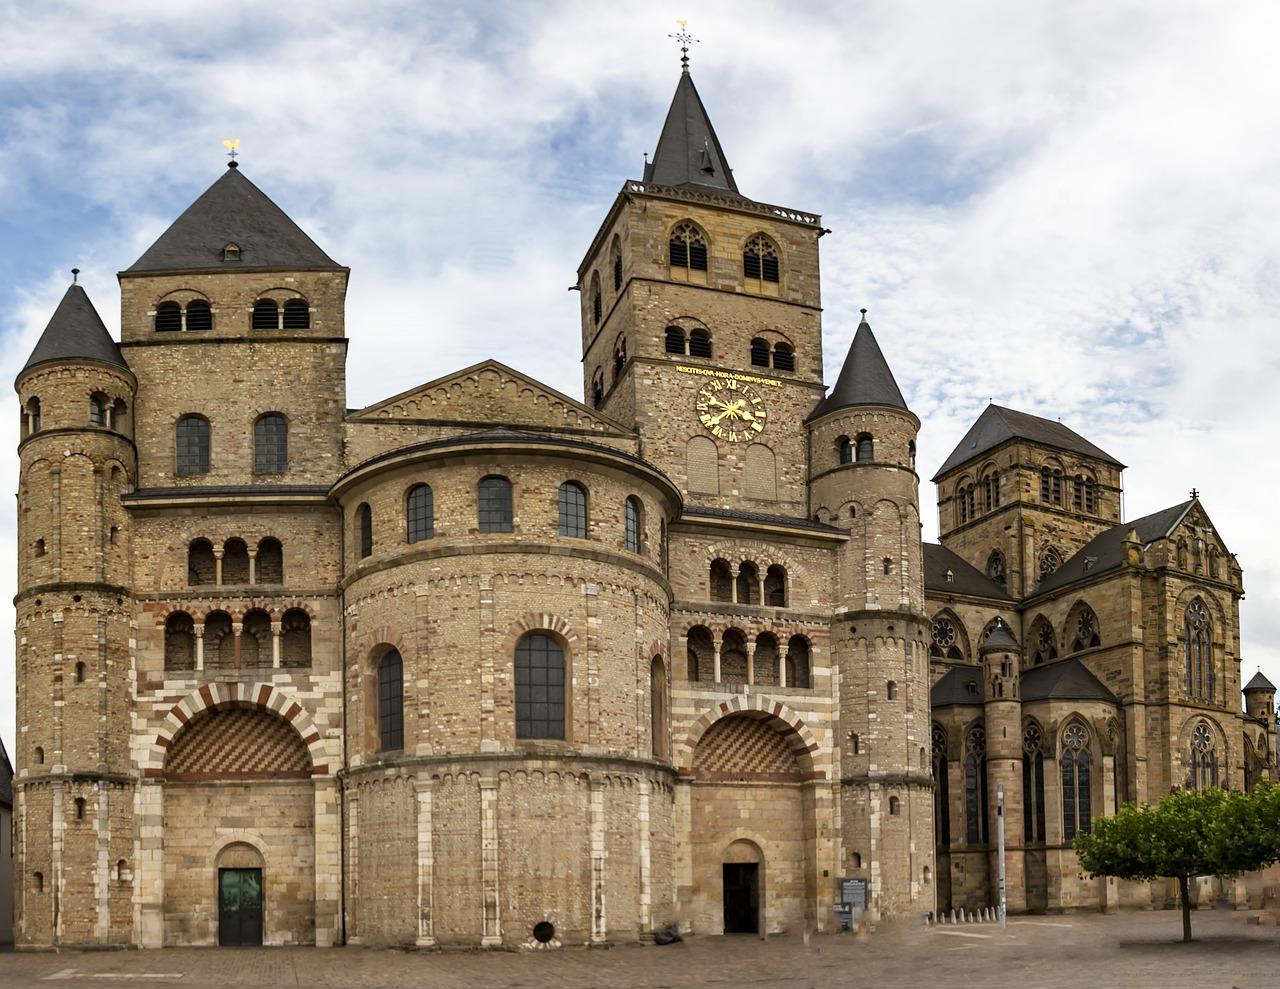 Der Dom der Stadt Trier Sehenswürdigkeiten Millionen beuscher zieht die Stadt jährlich an